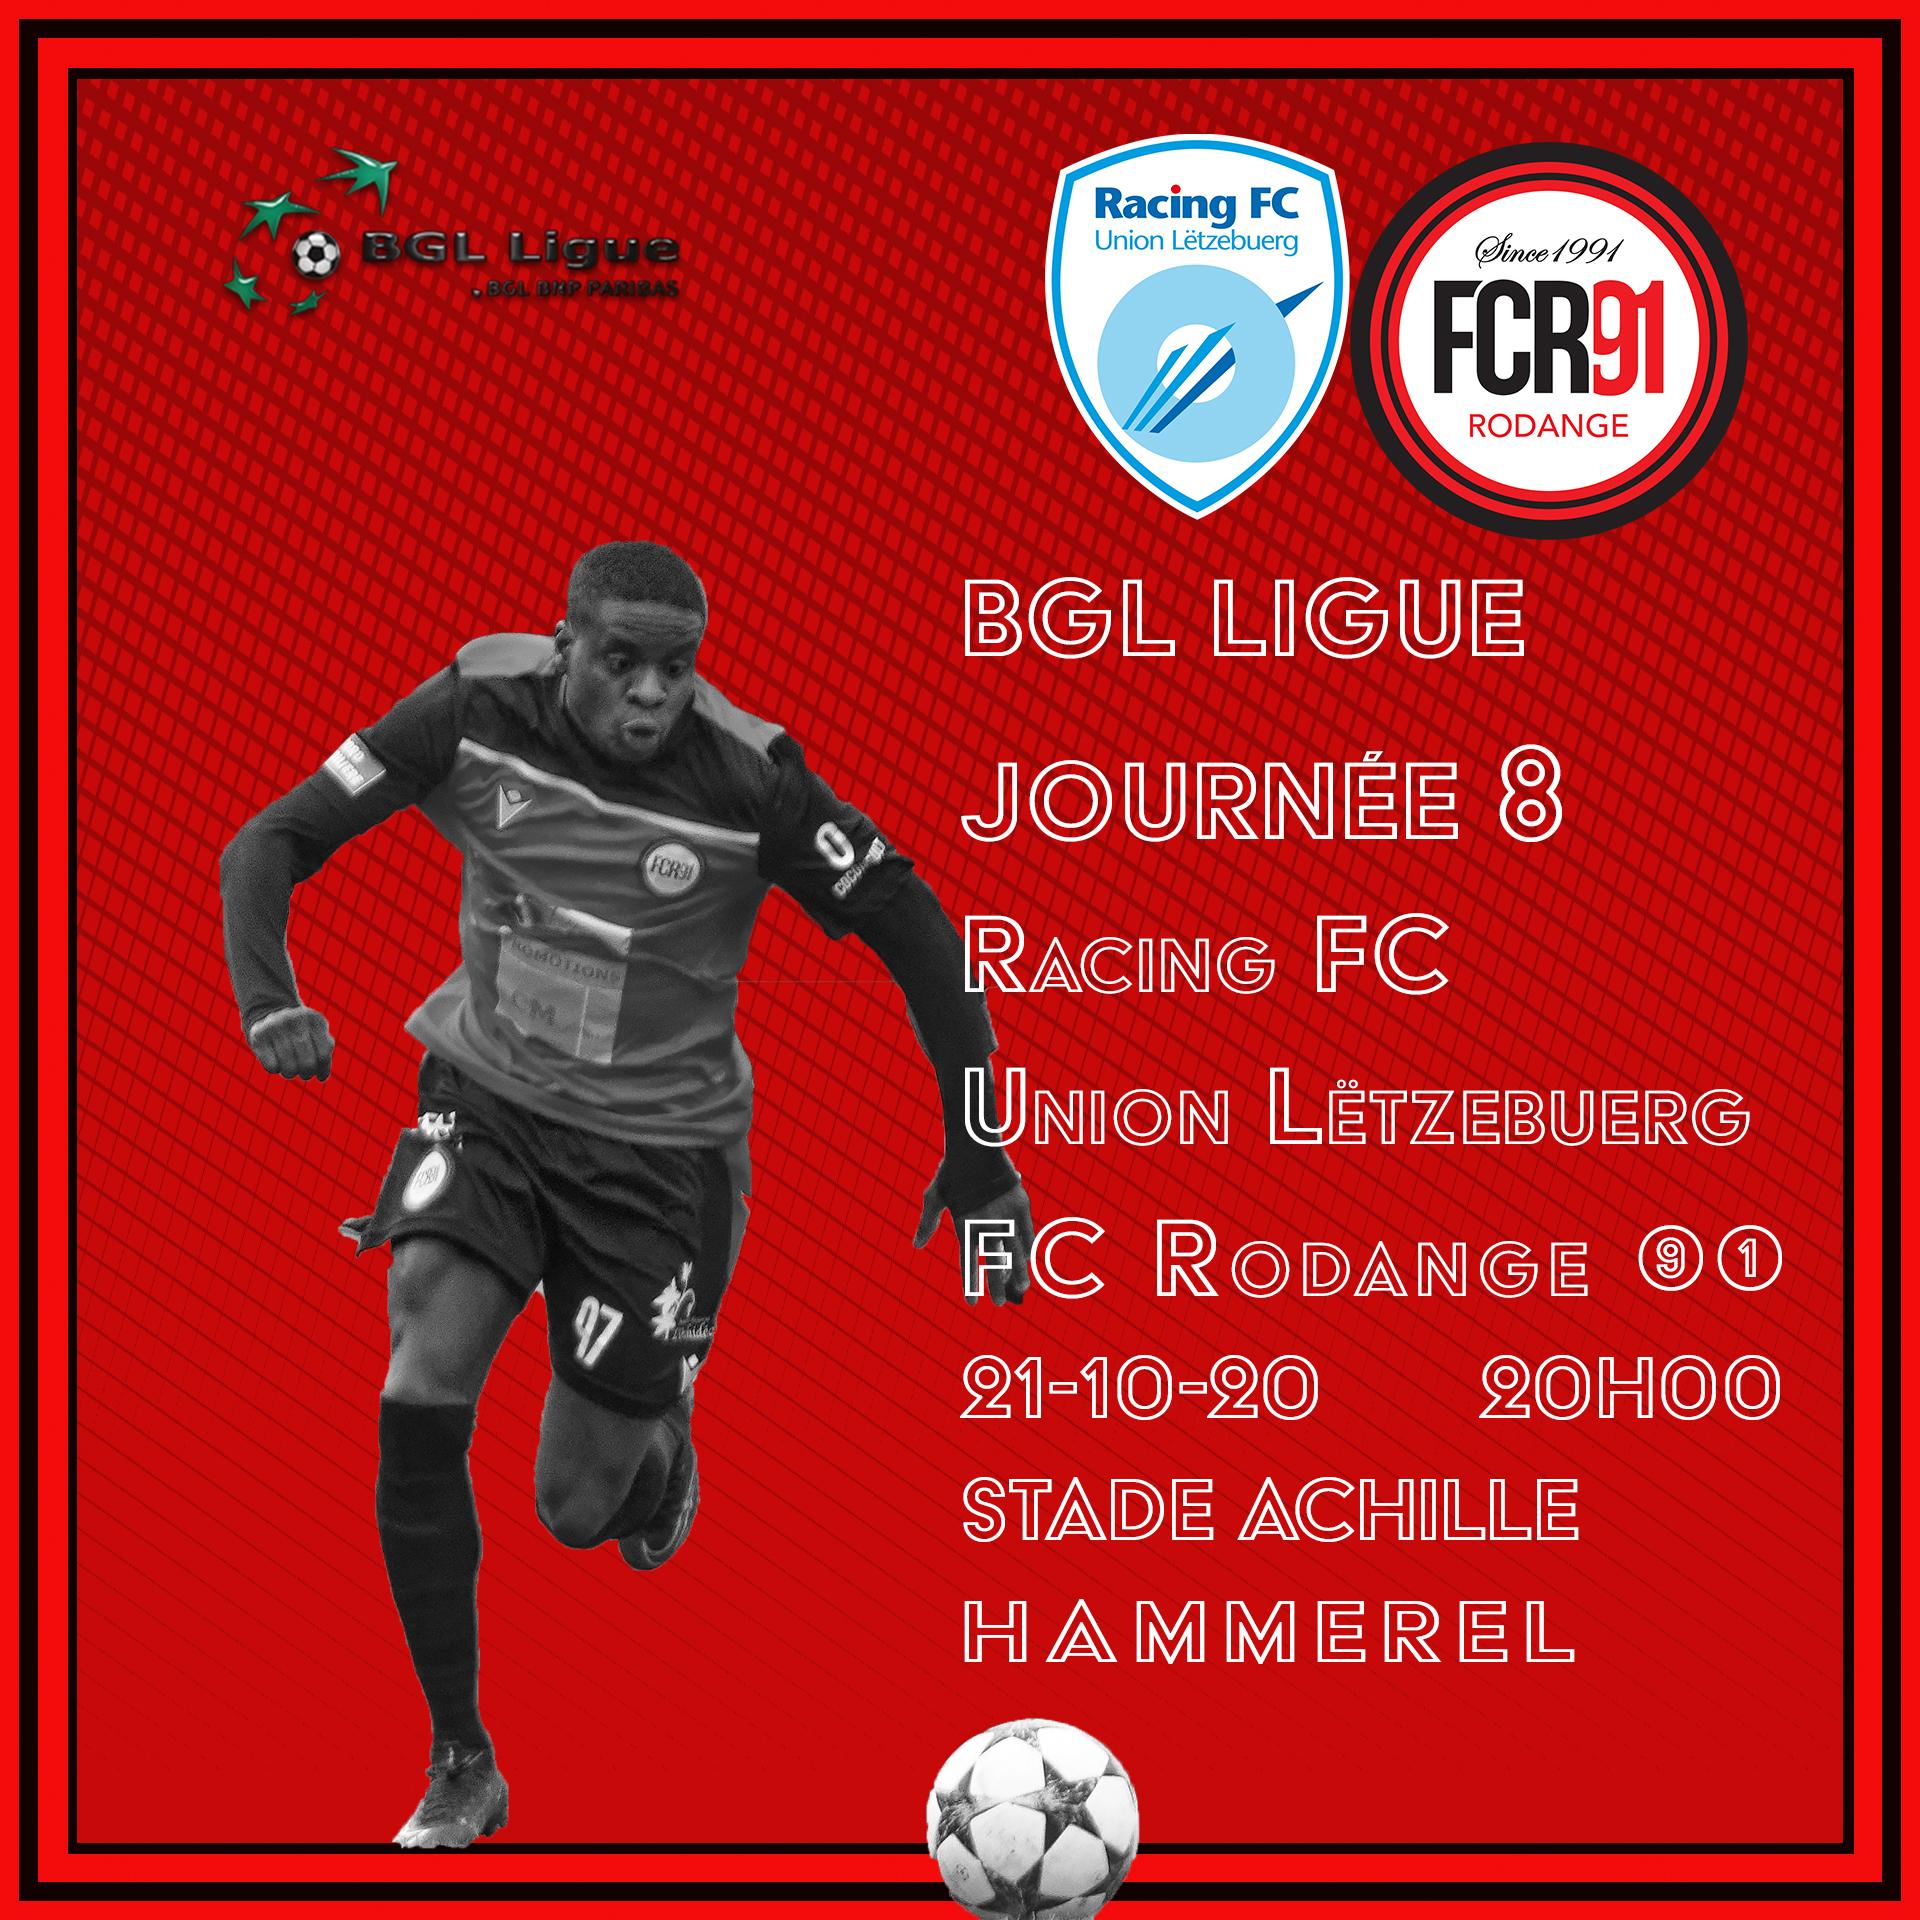 RFCUL - FC Rodange 91